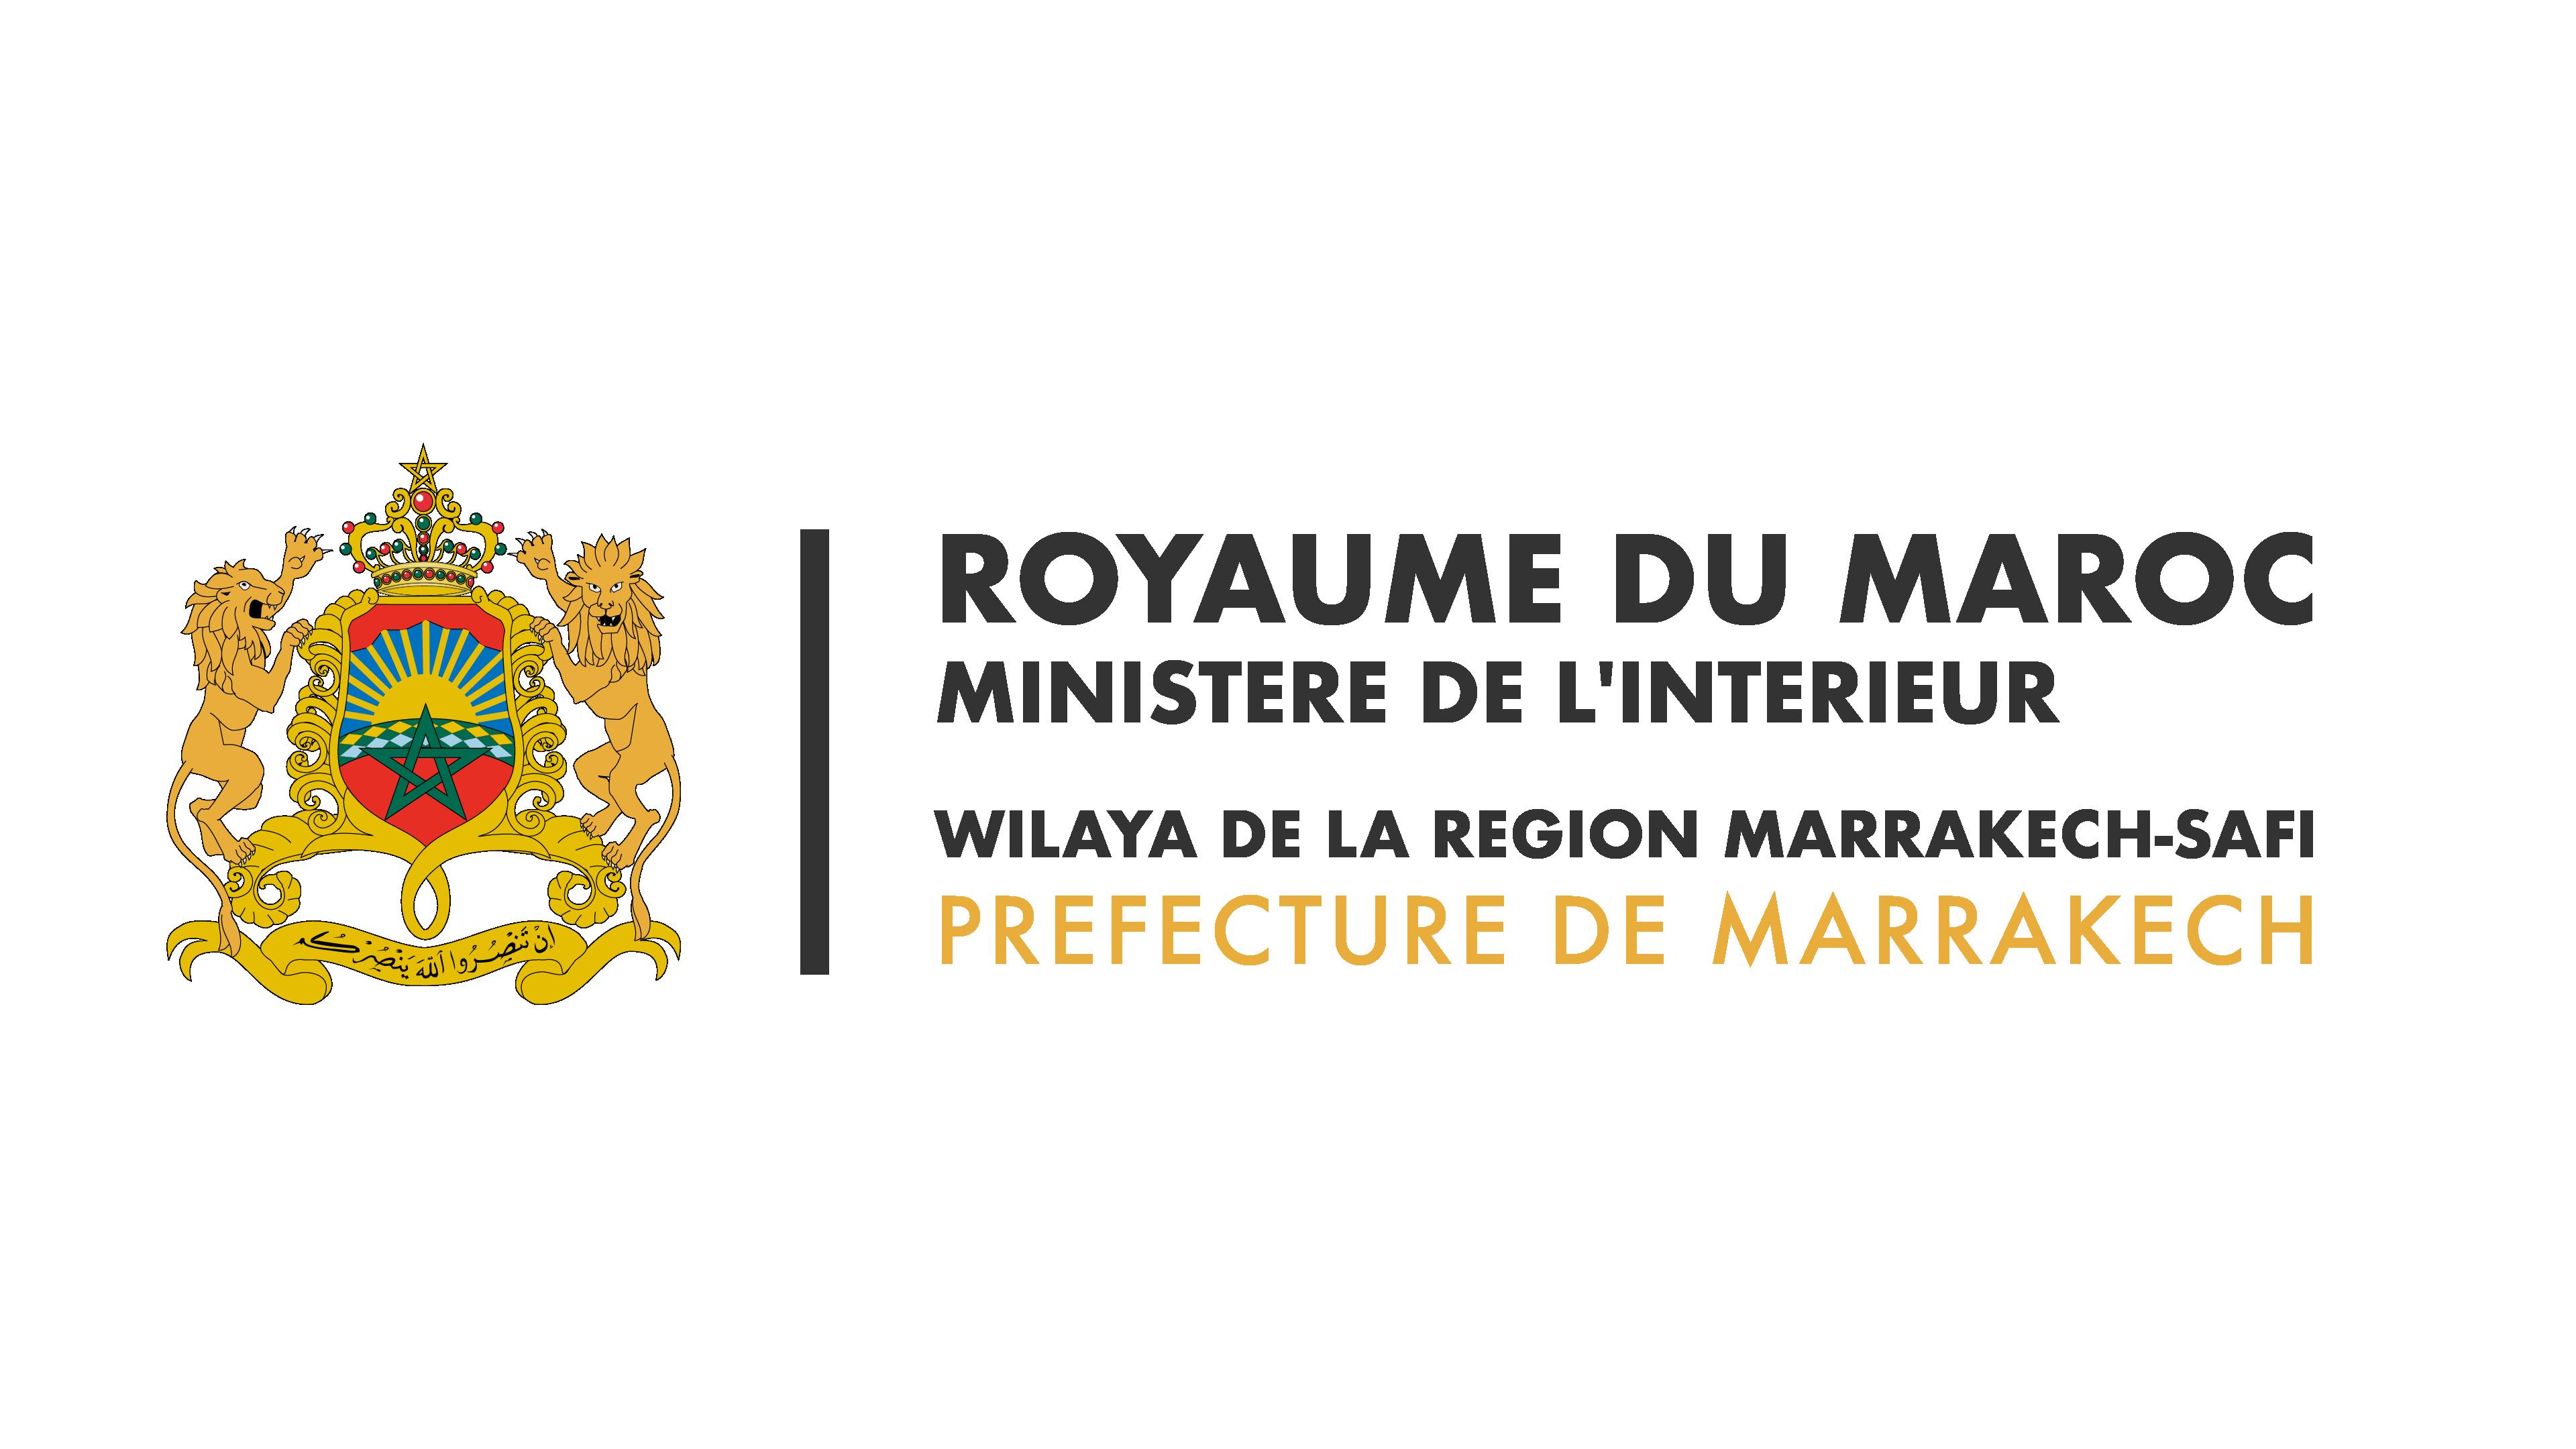 La Wilaya de MARRAKECH